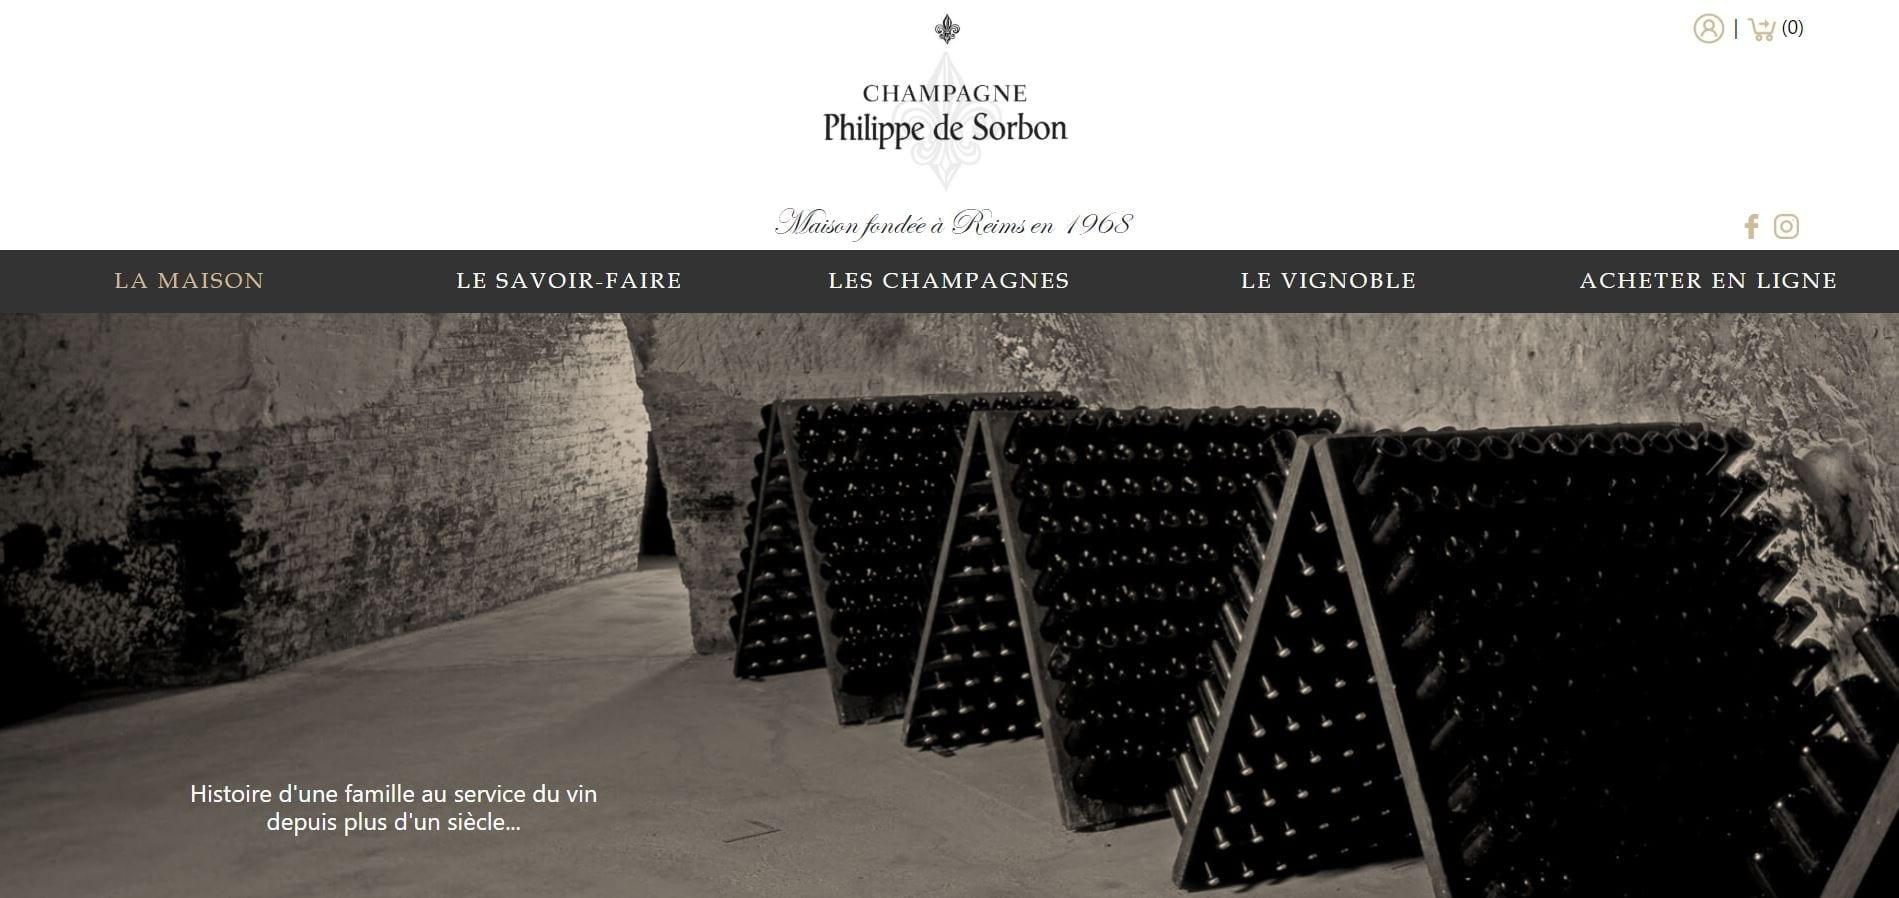 Philippe de sorbon website